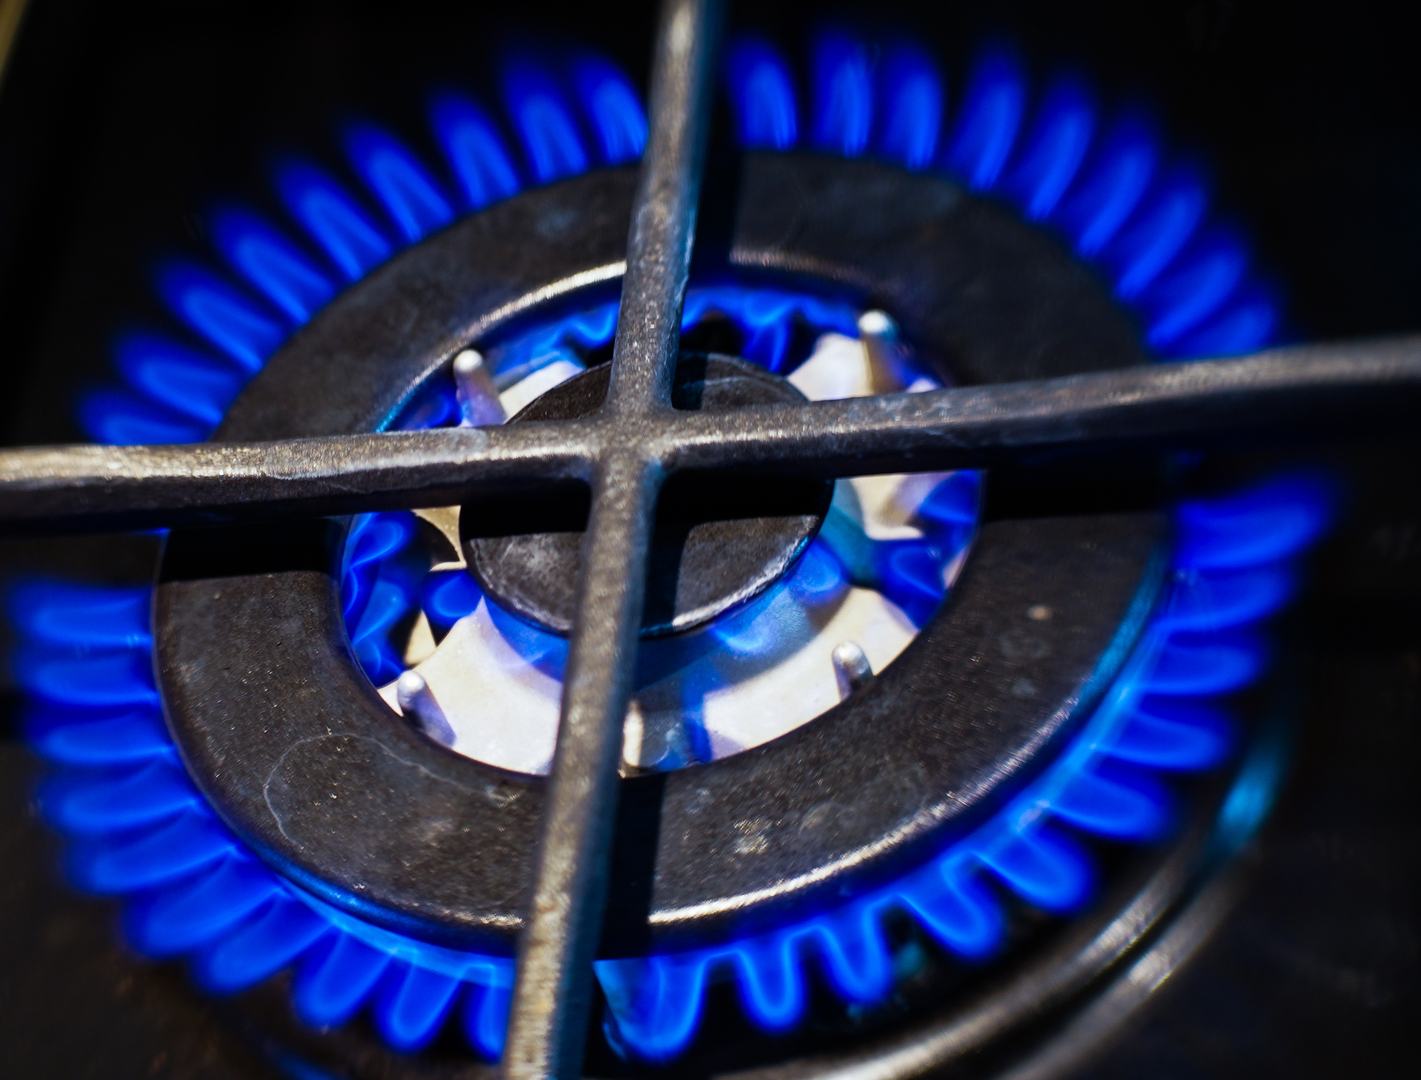 أسعار الغاز في أوروبا تحلق وتسجل مستويات تاريخية